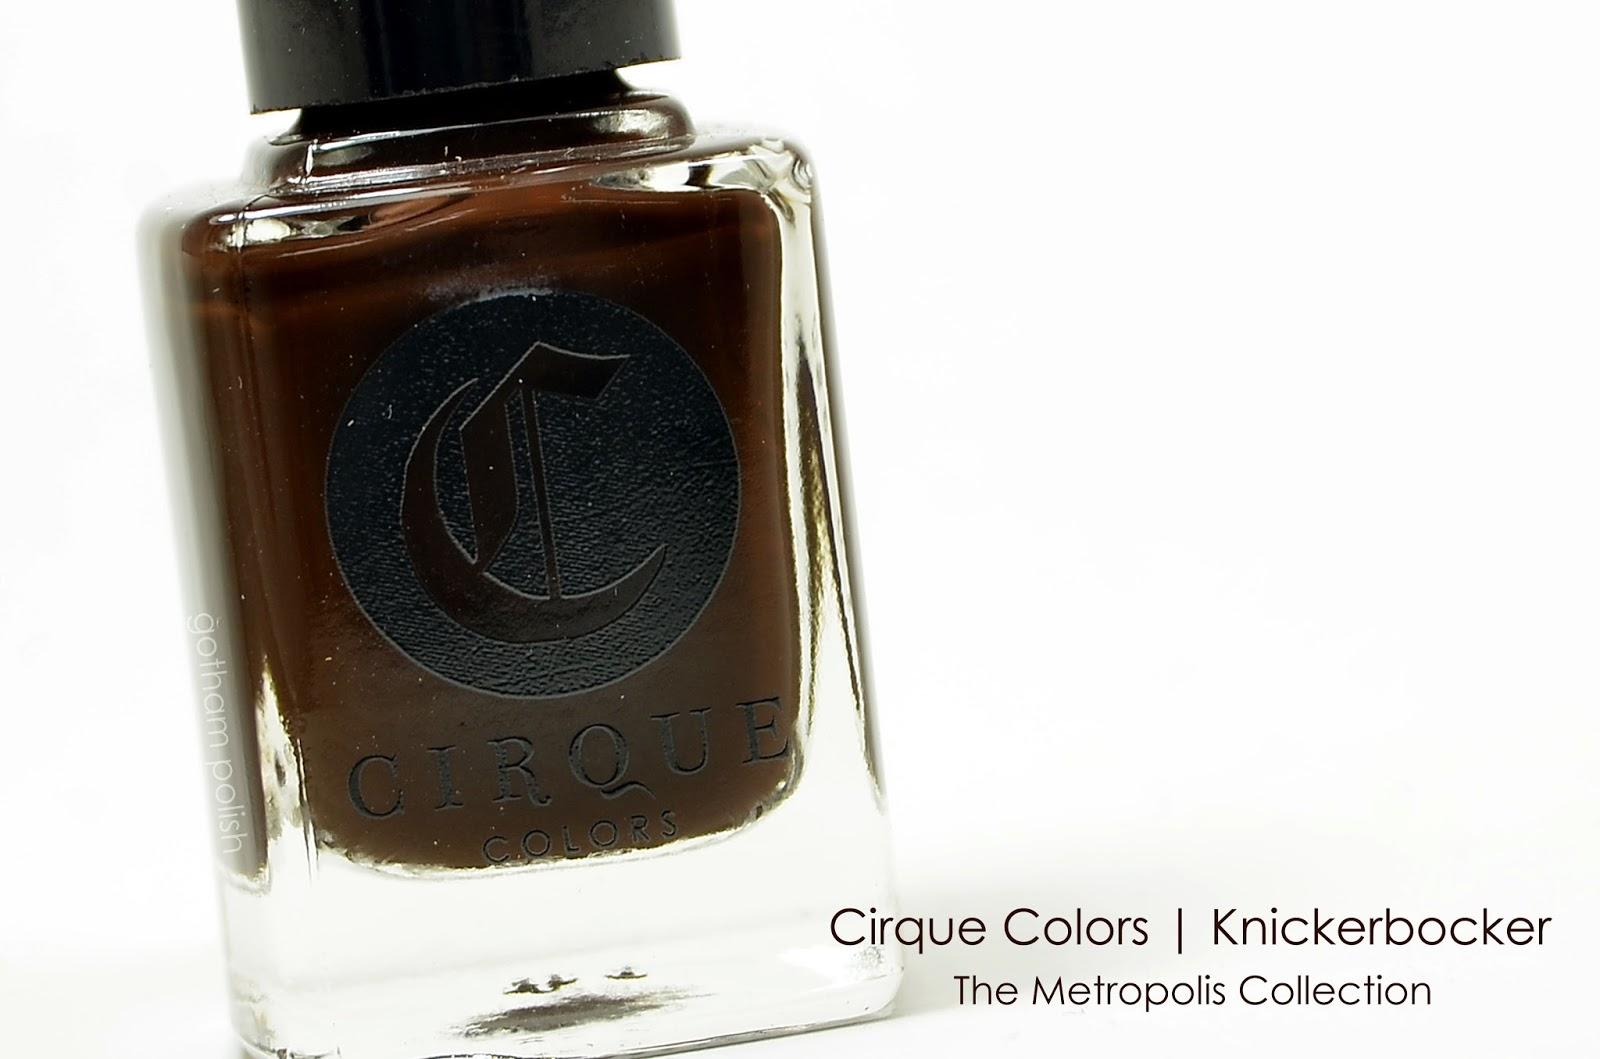 Cirque Colors Knickerbocker